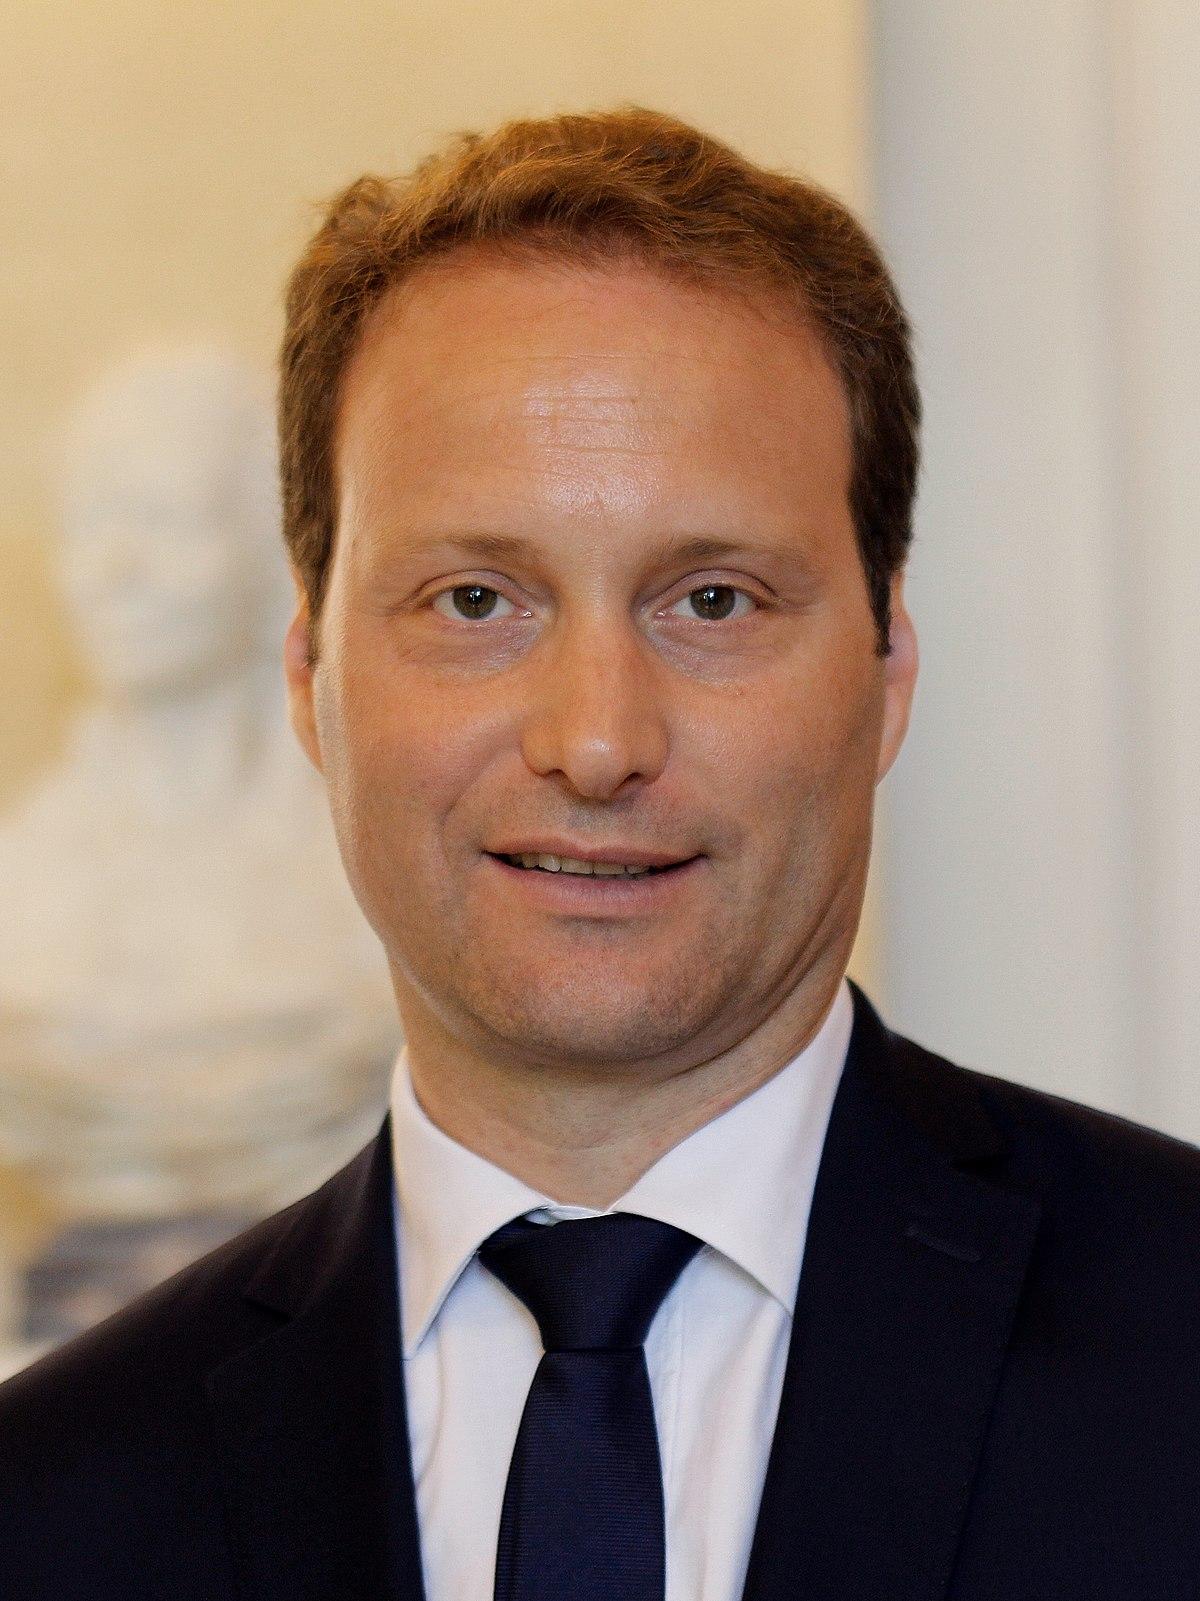 Sylvain Maillard - Wikipedia